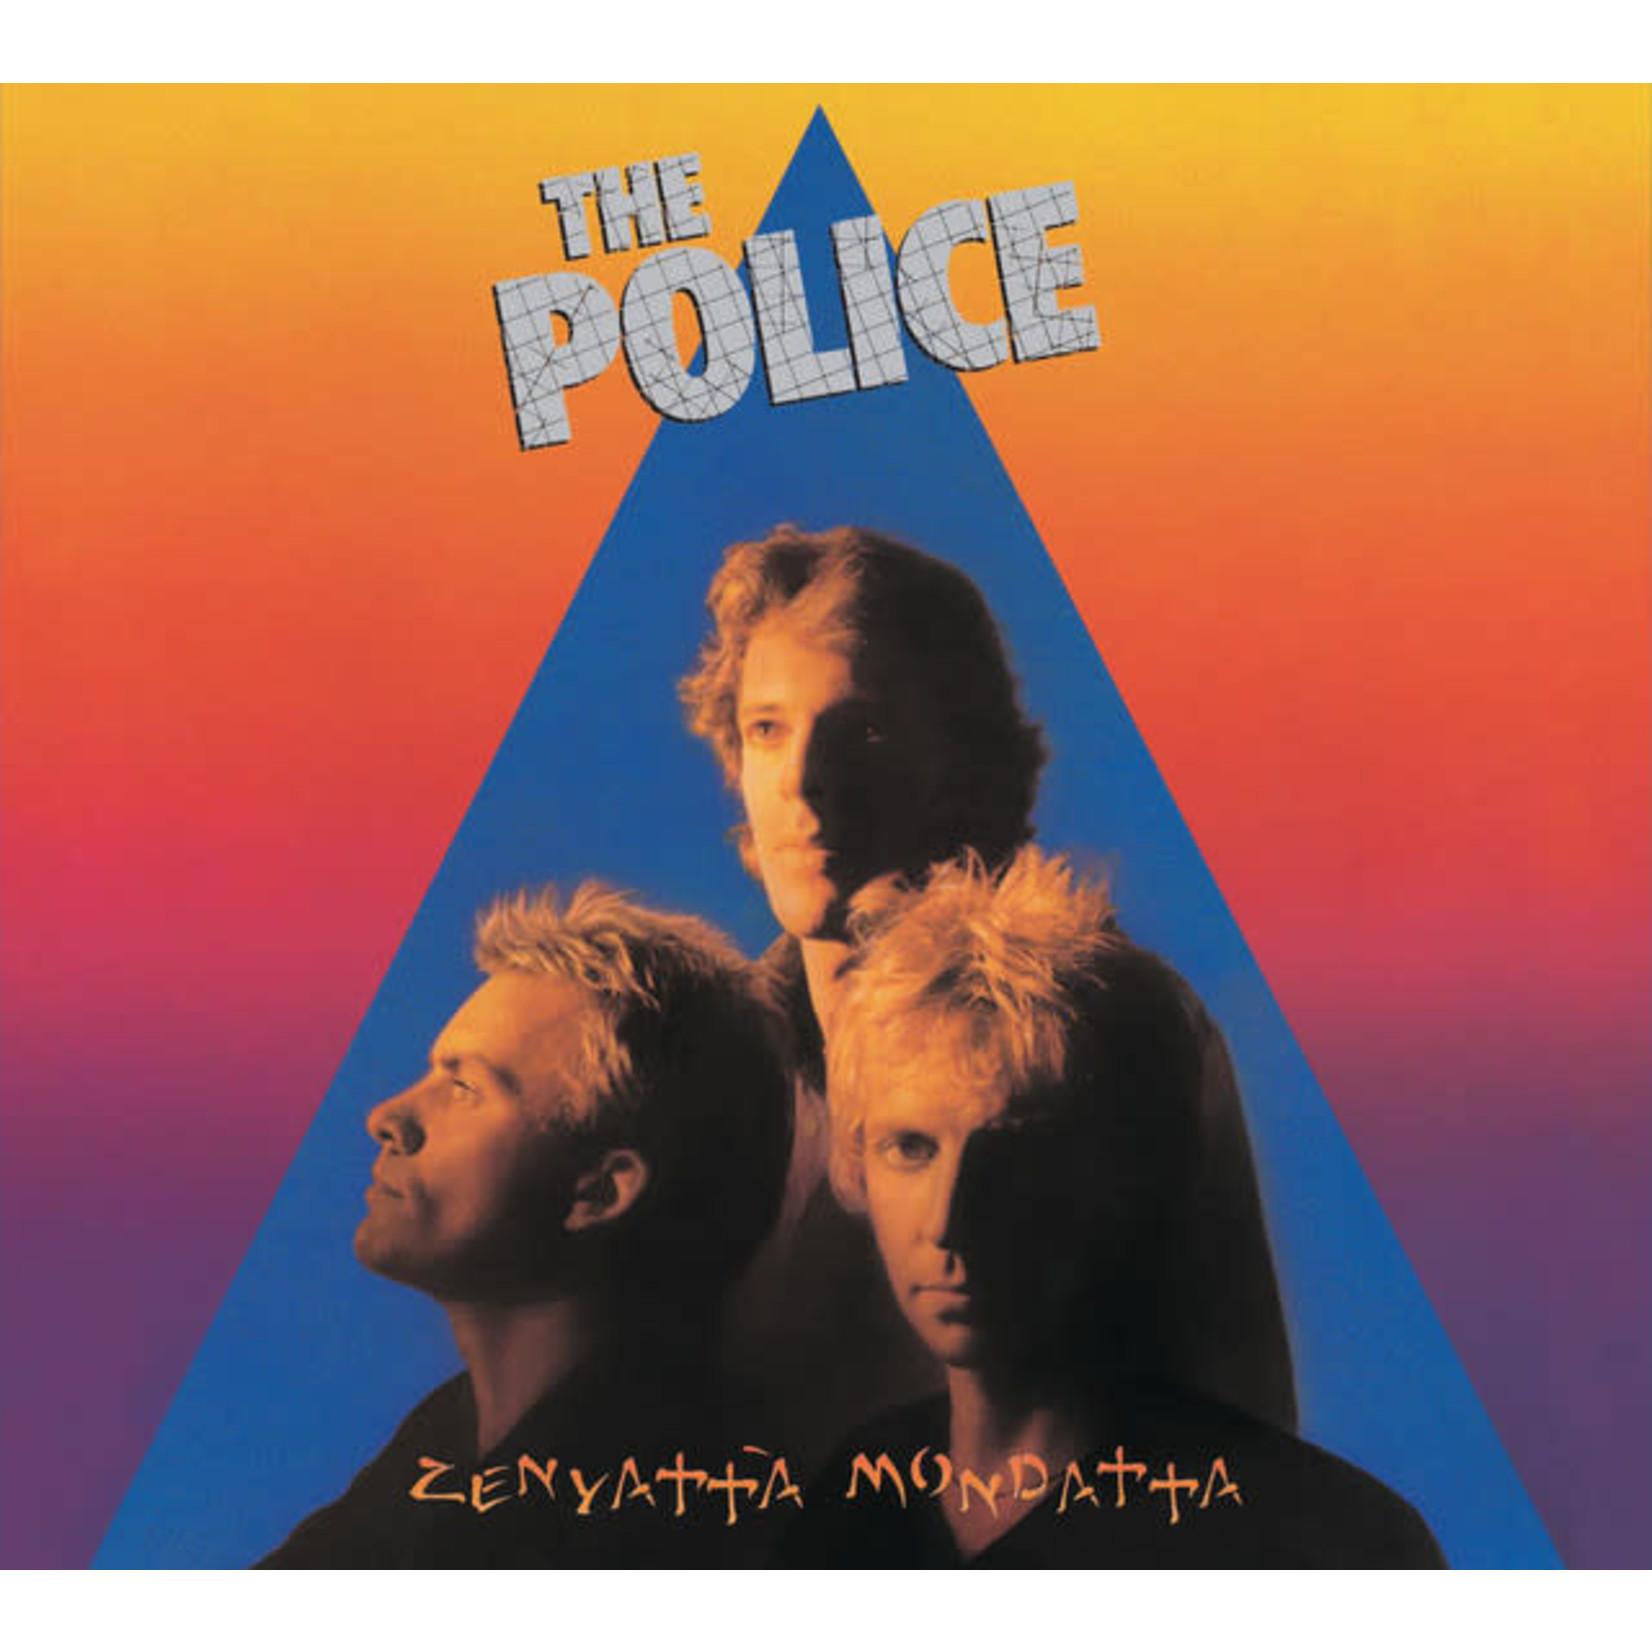 Vinyl The Police - Zenyatta Mondatta